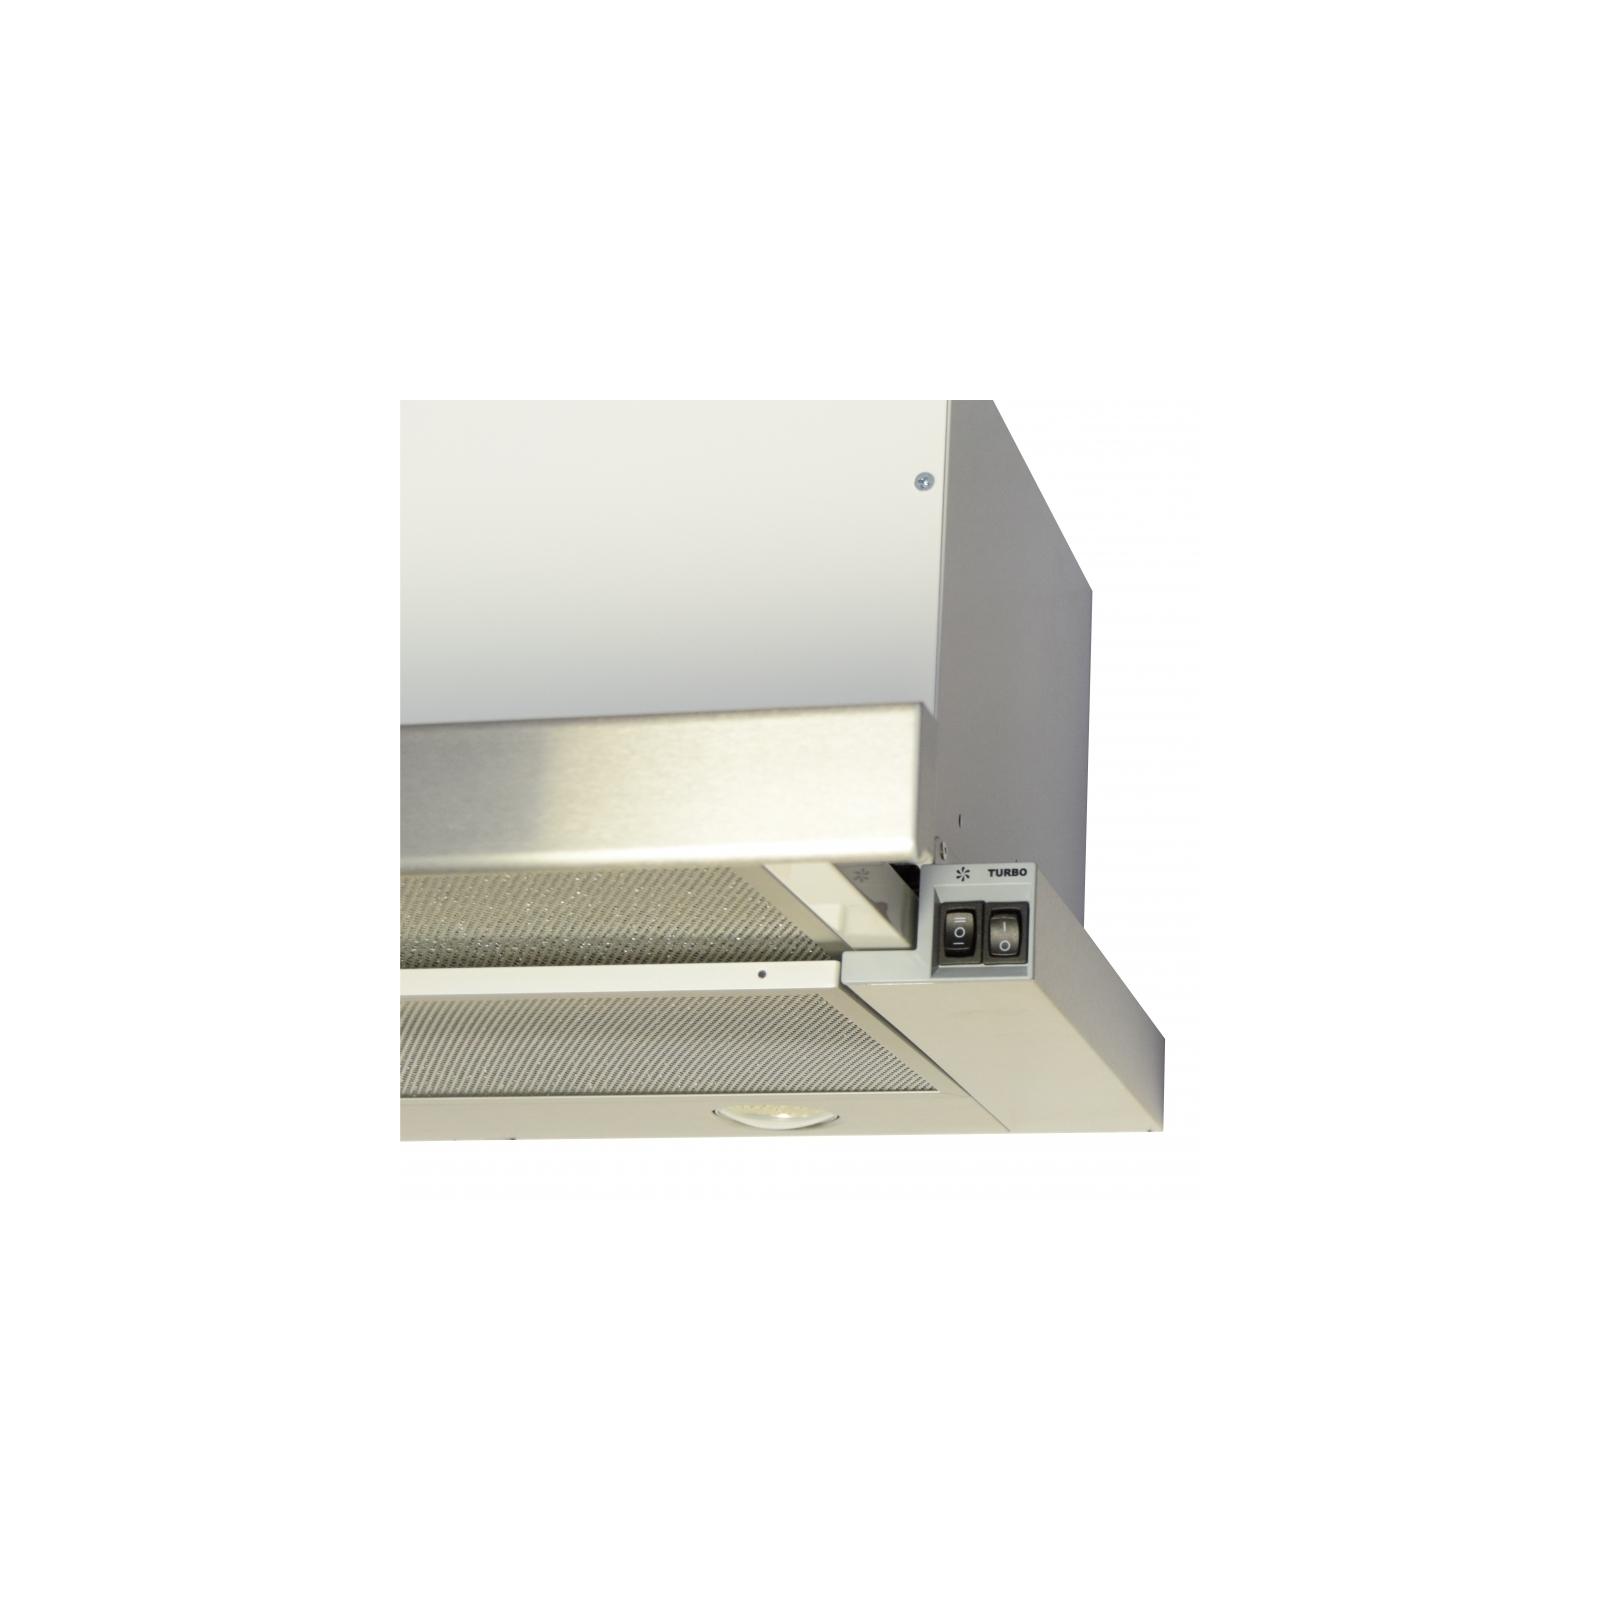 Вытяжка кухонная ELEYUS Storm 1200 LED 60 IS изображение 8